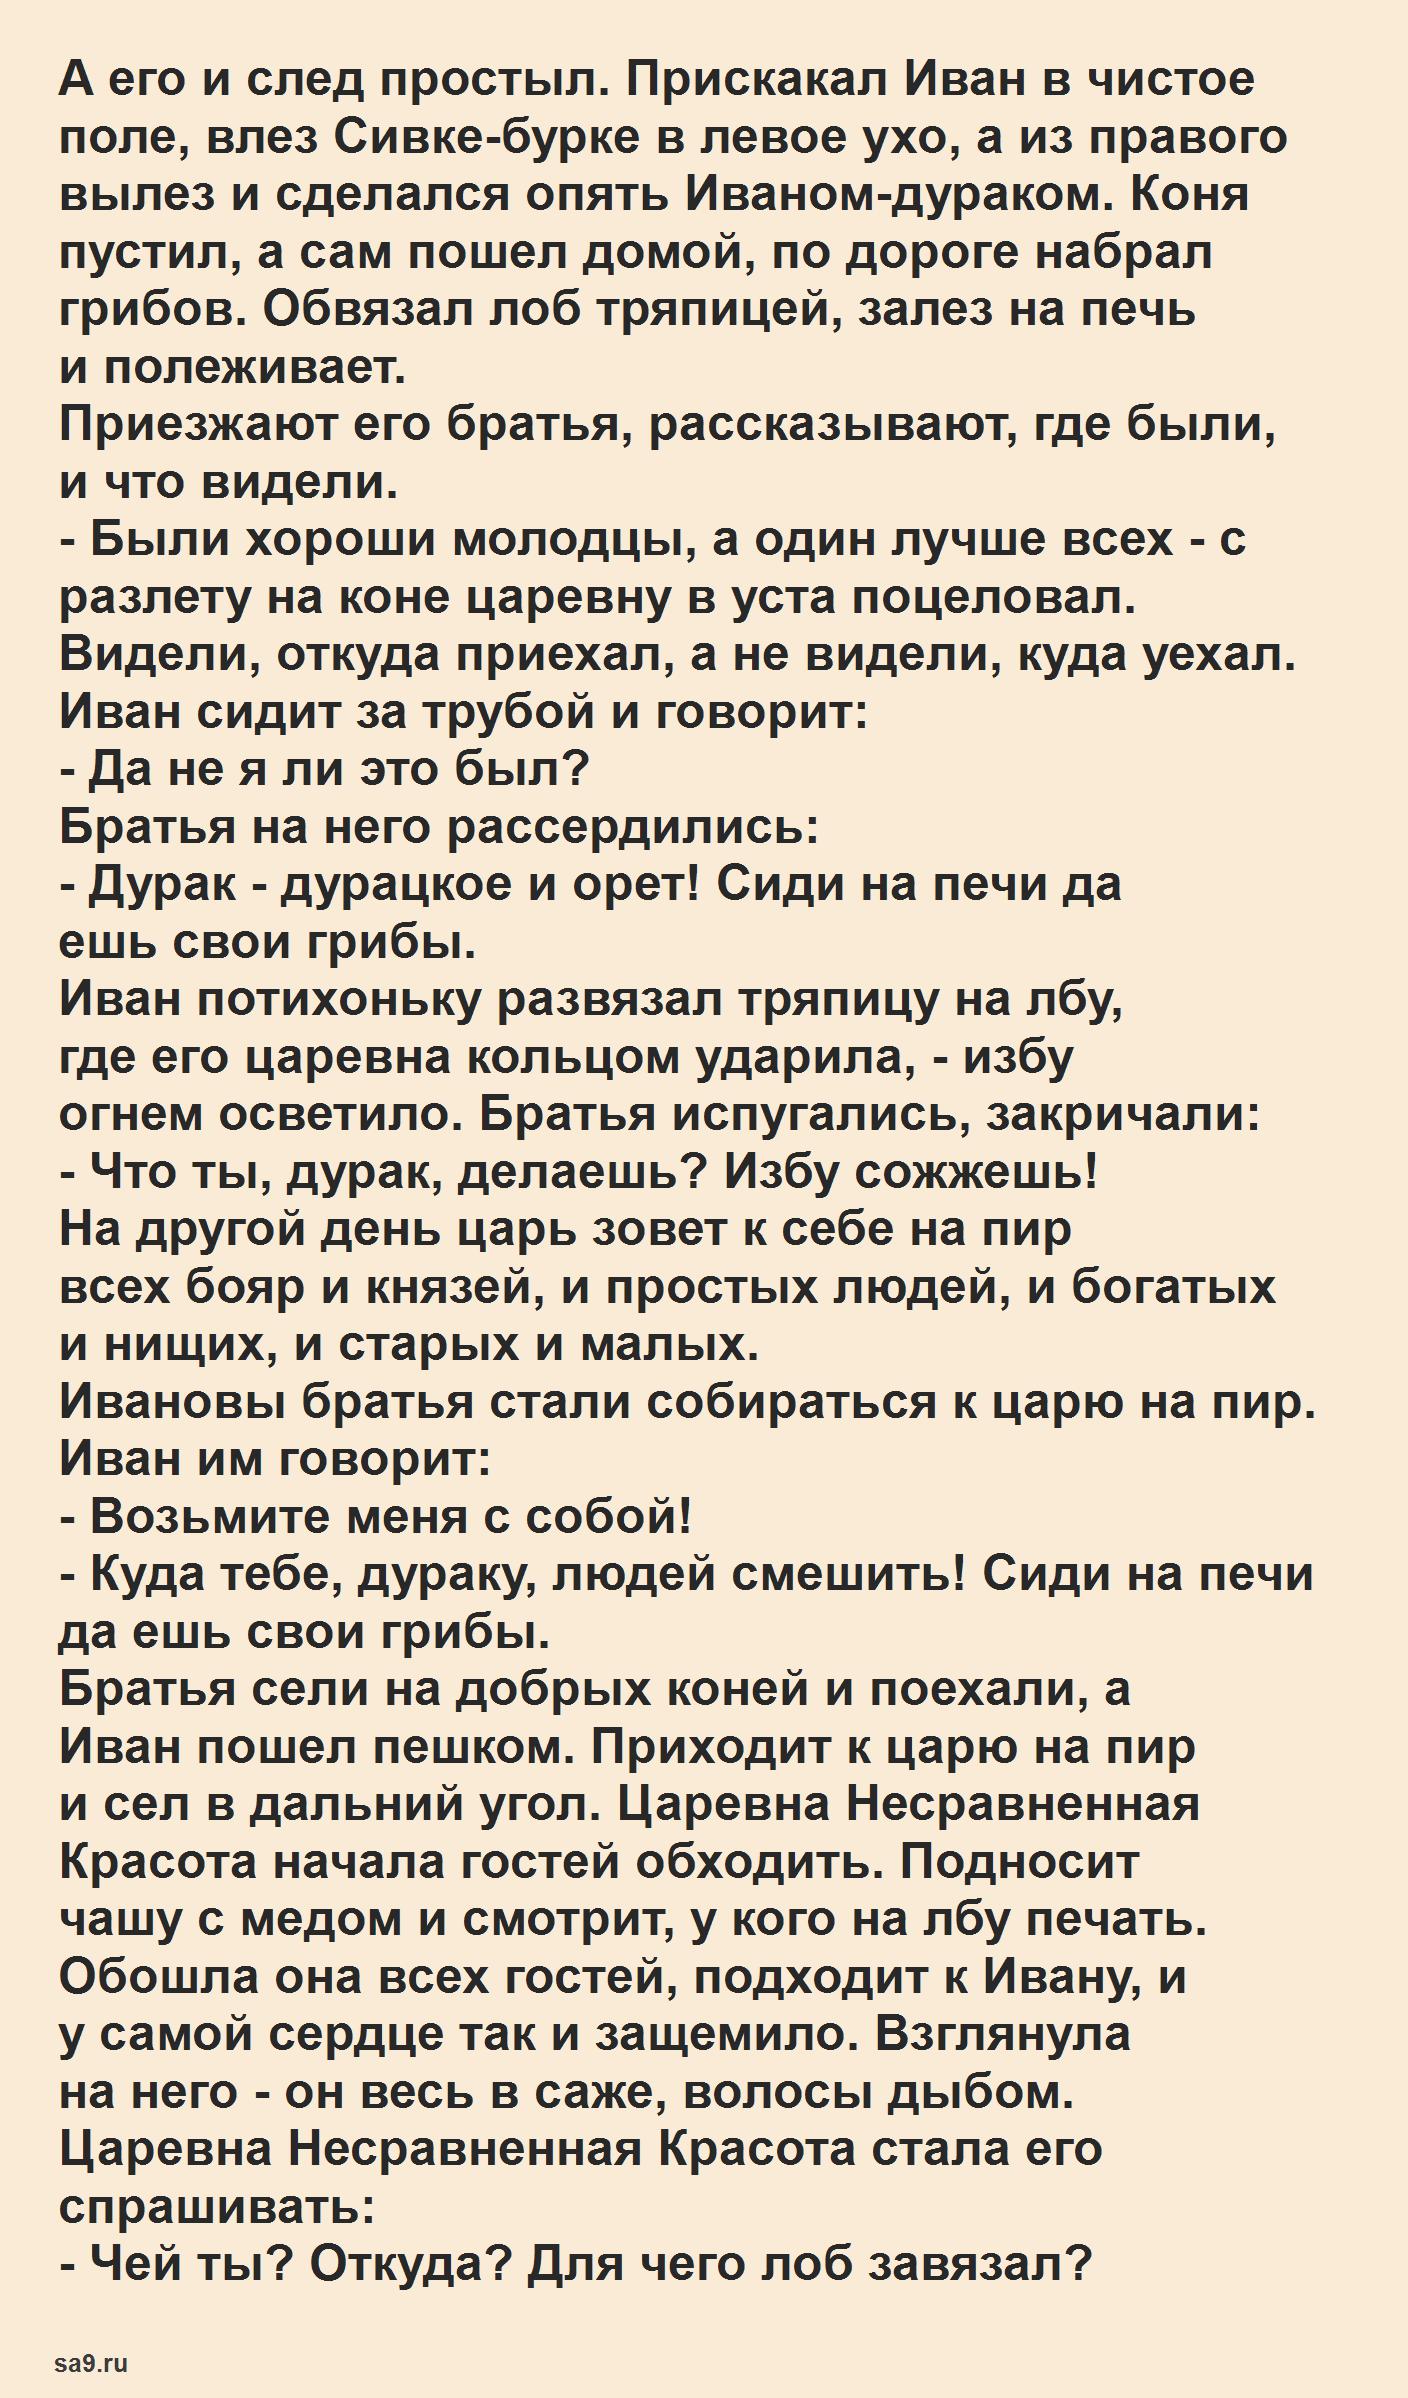 Сивка-Бурка - русская народная сказка, читать полностью